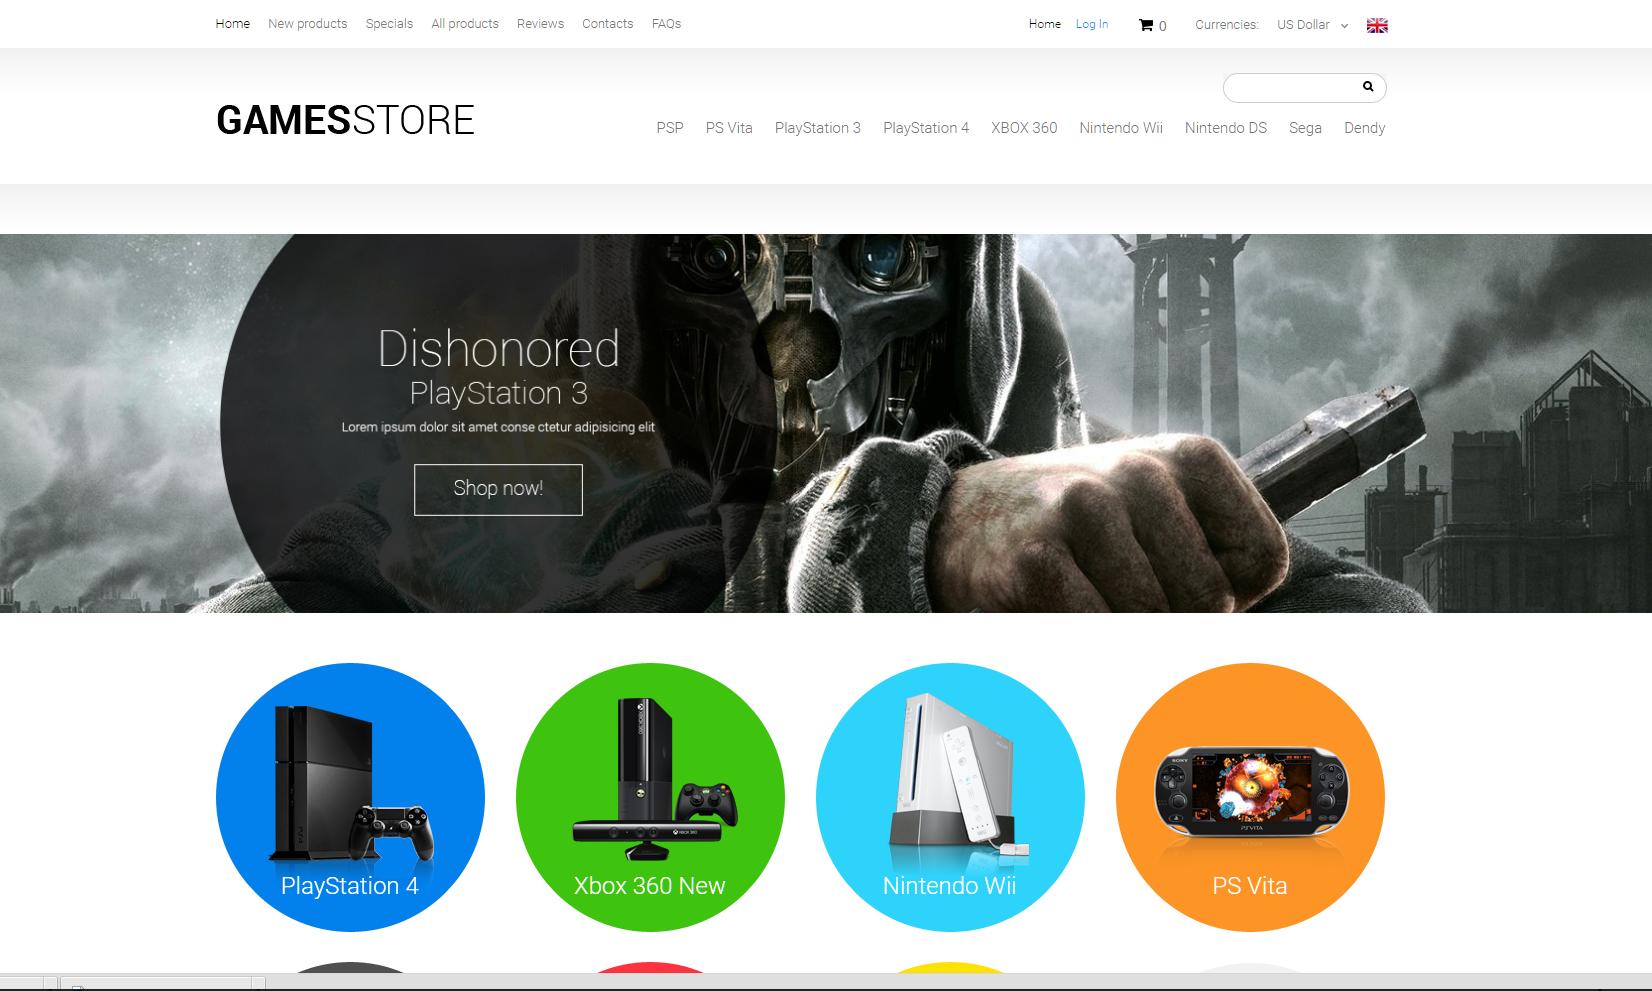 Buy computer games drop ship website business for sale for Online websites for sale